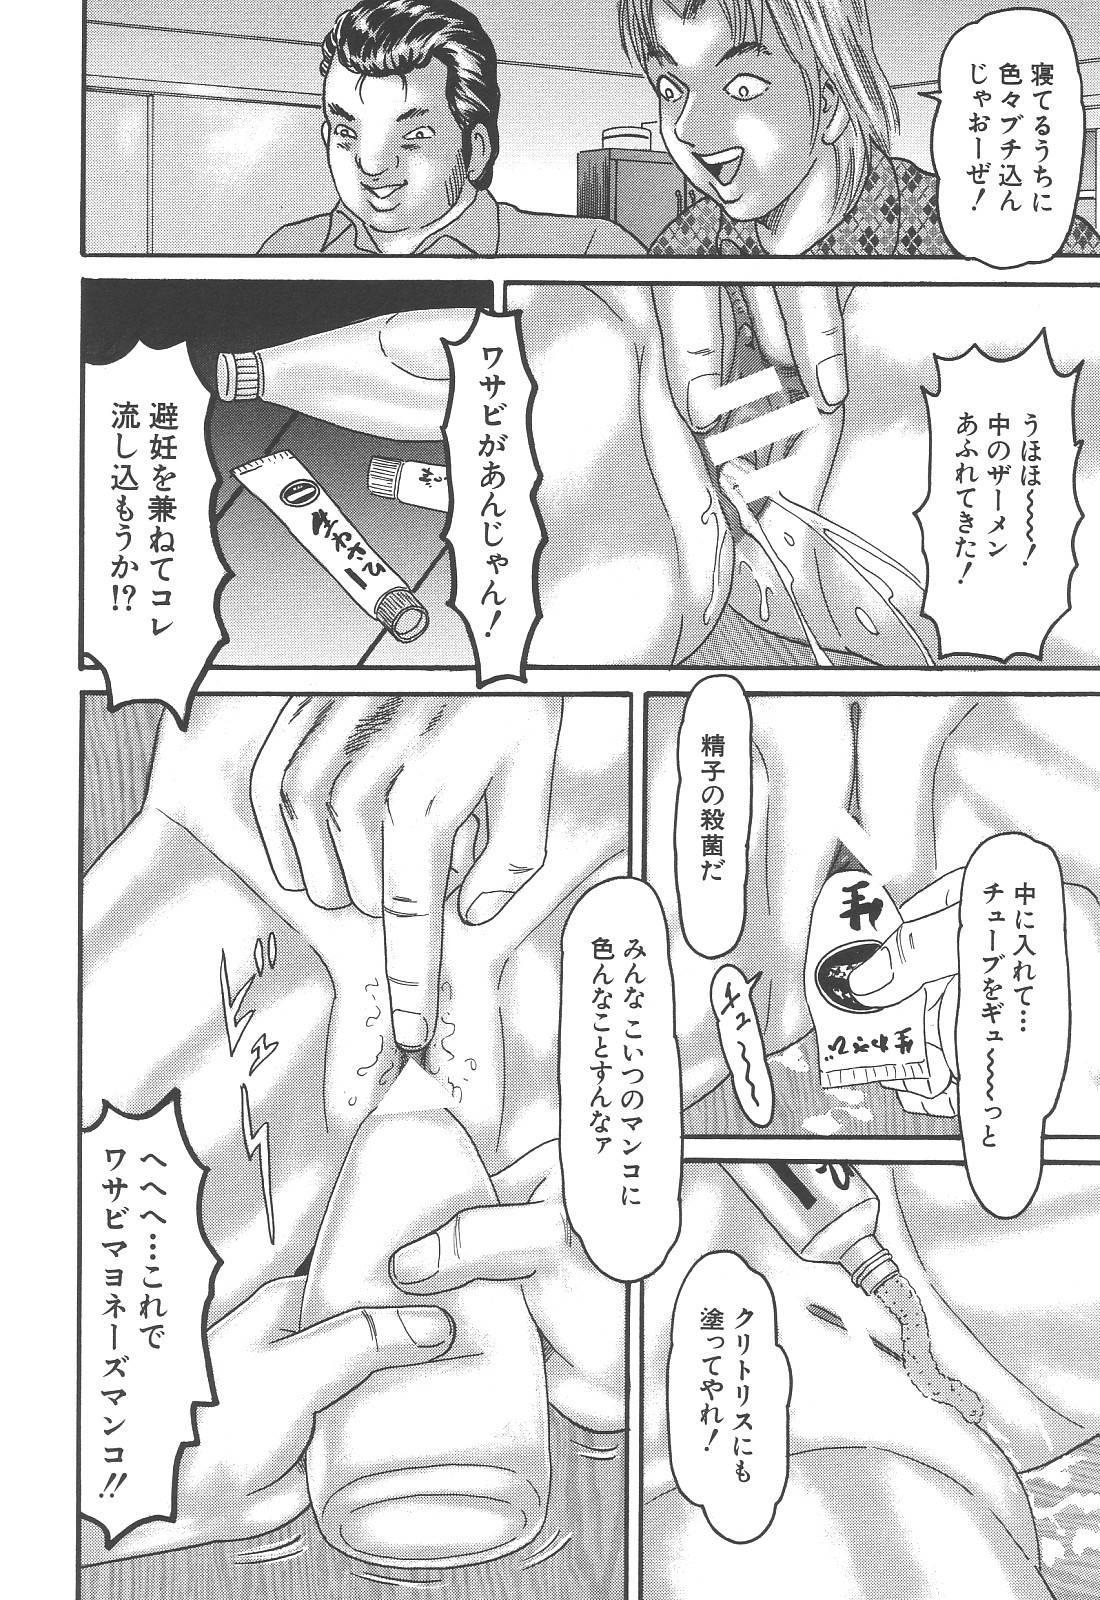 Bakunyuu Kyousei Rinkan 17